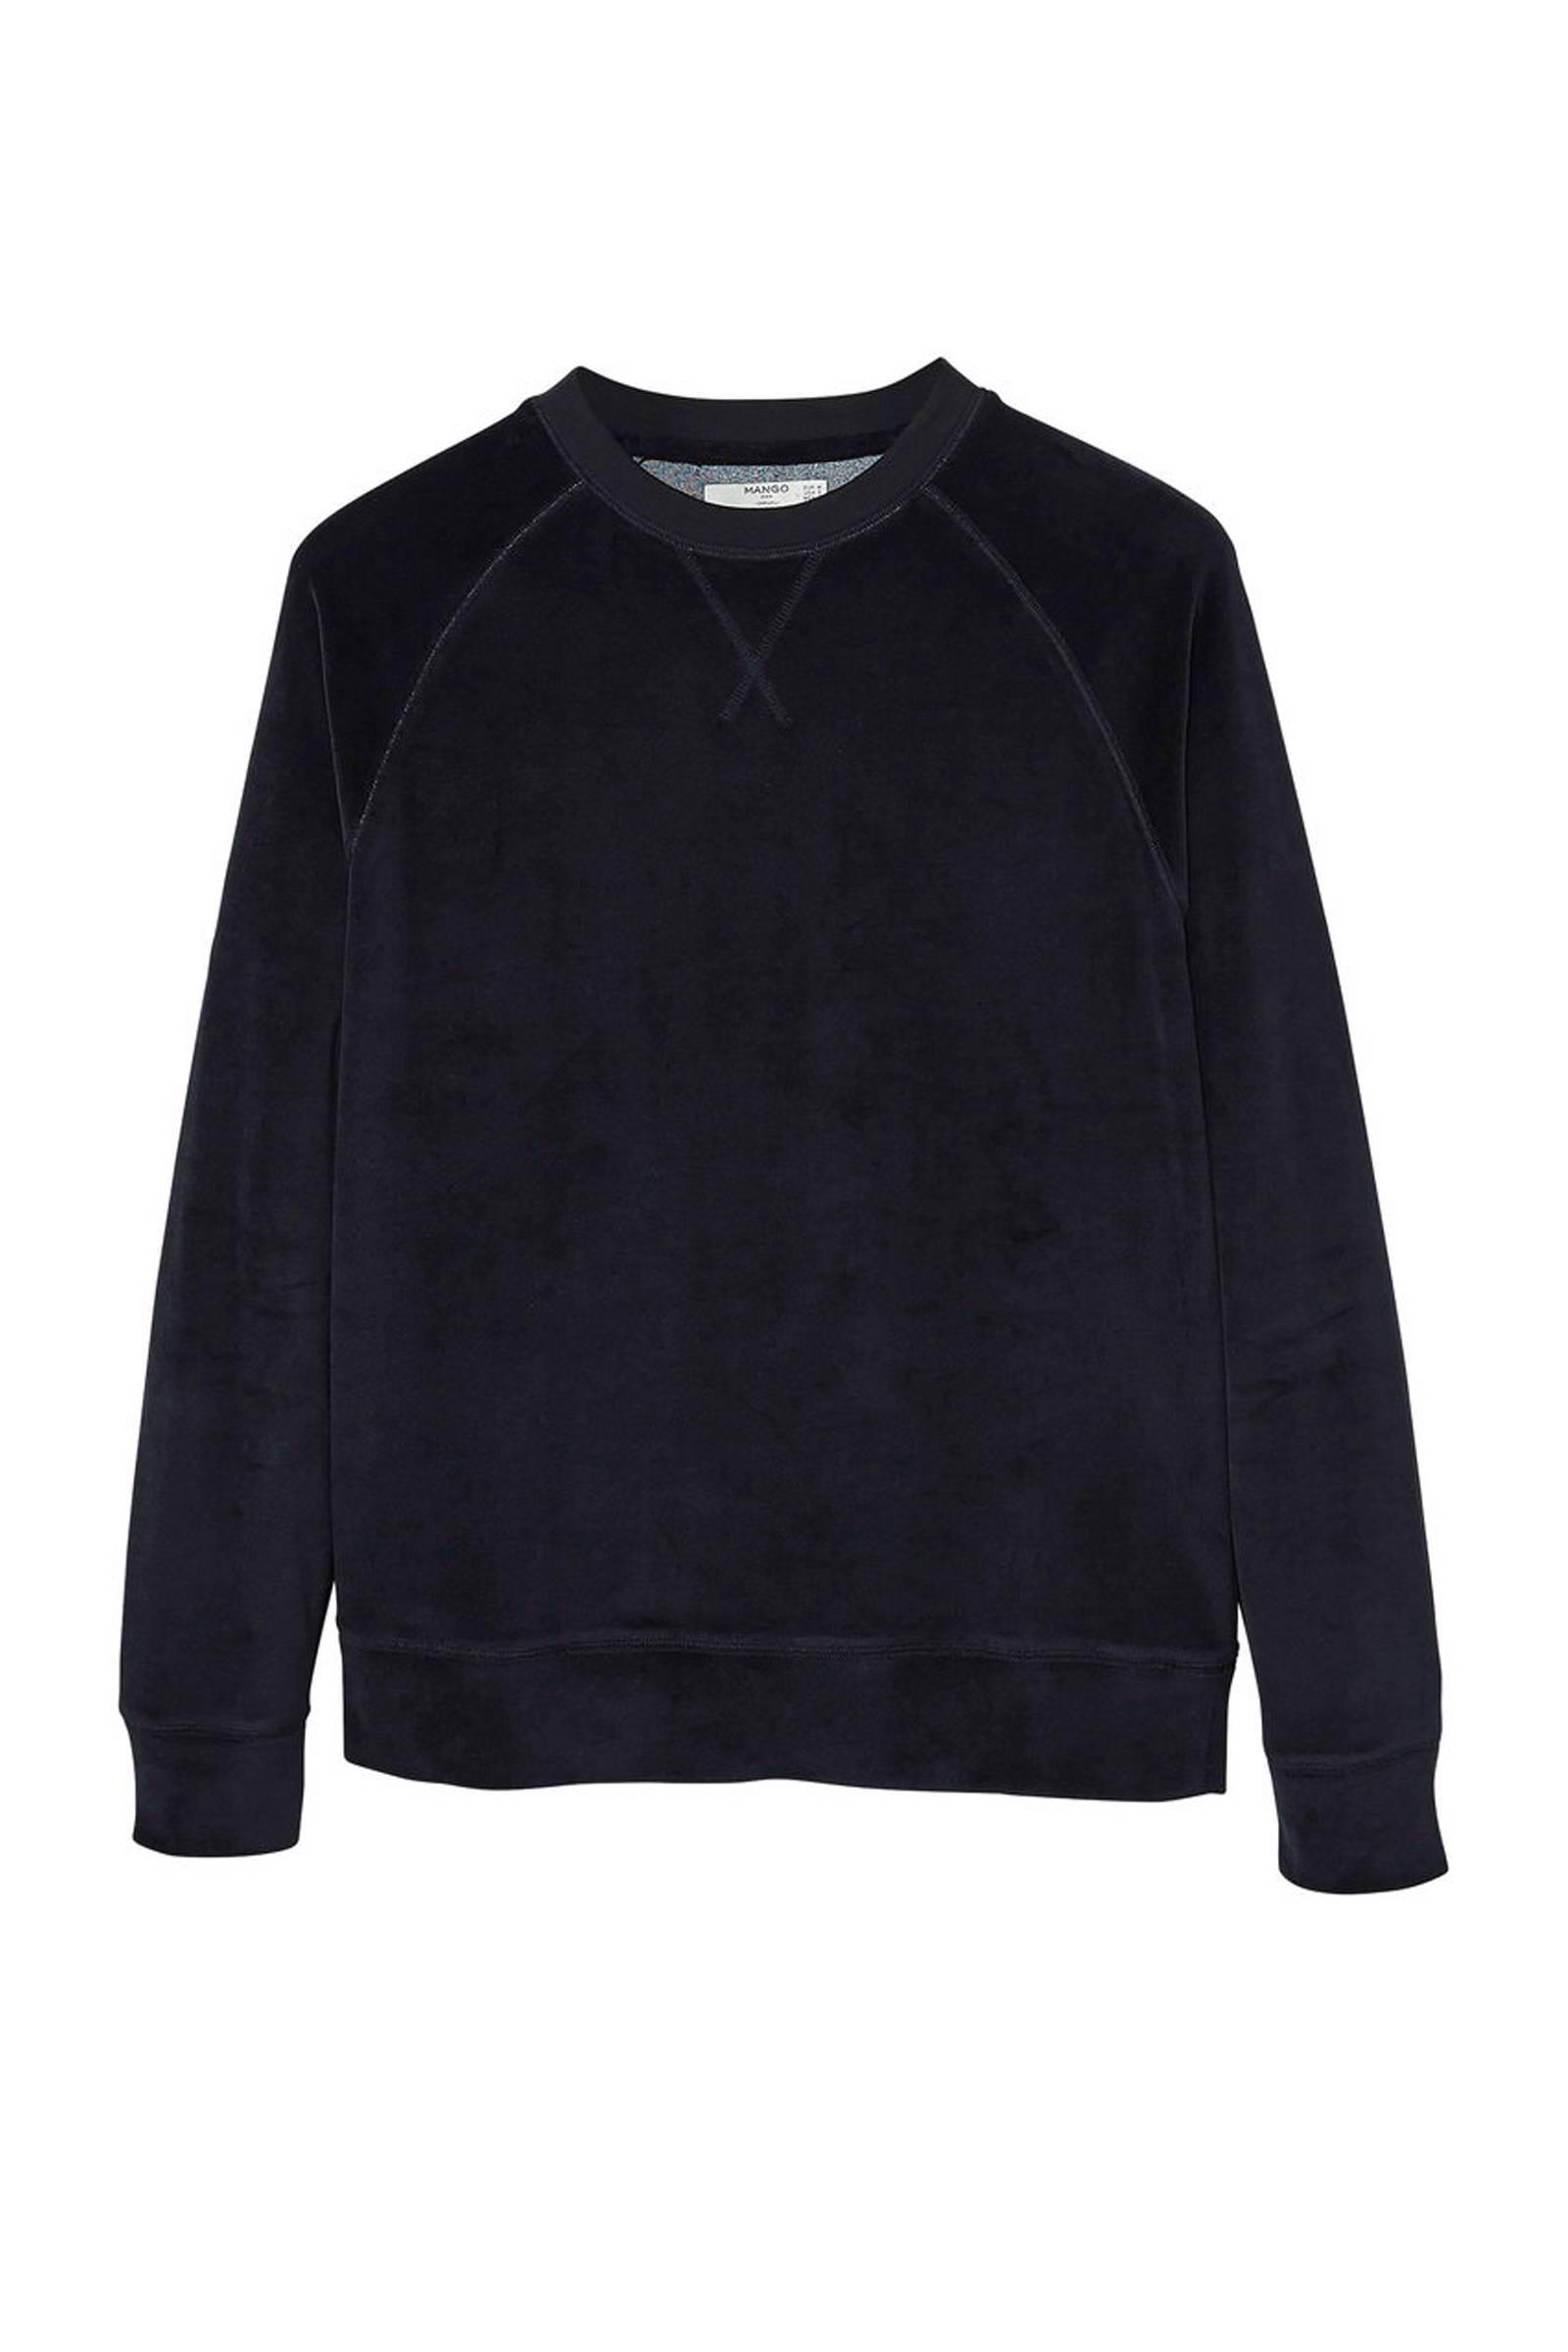 Mango Man fluwelen sweater | wehkamp